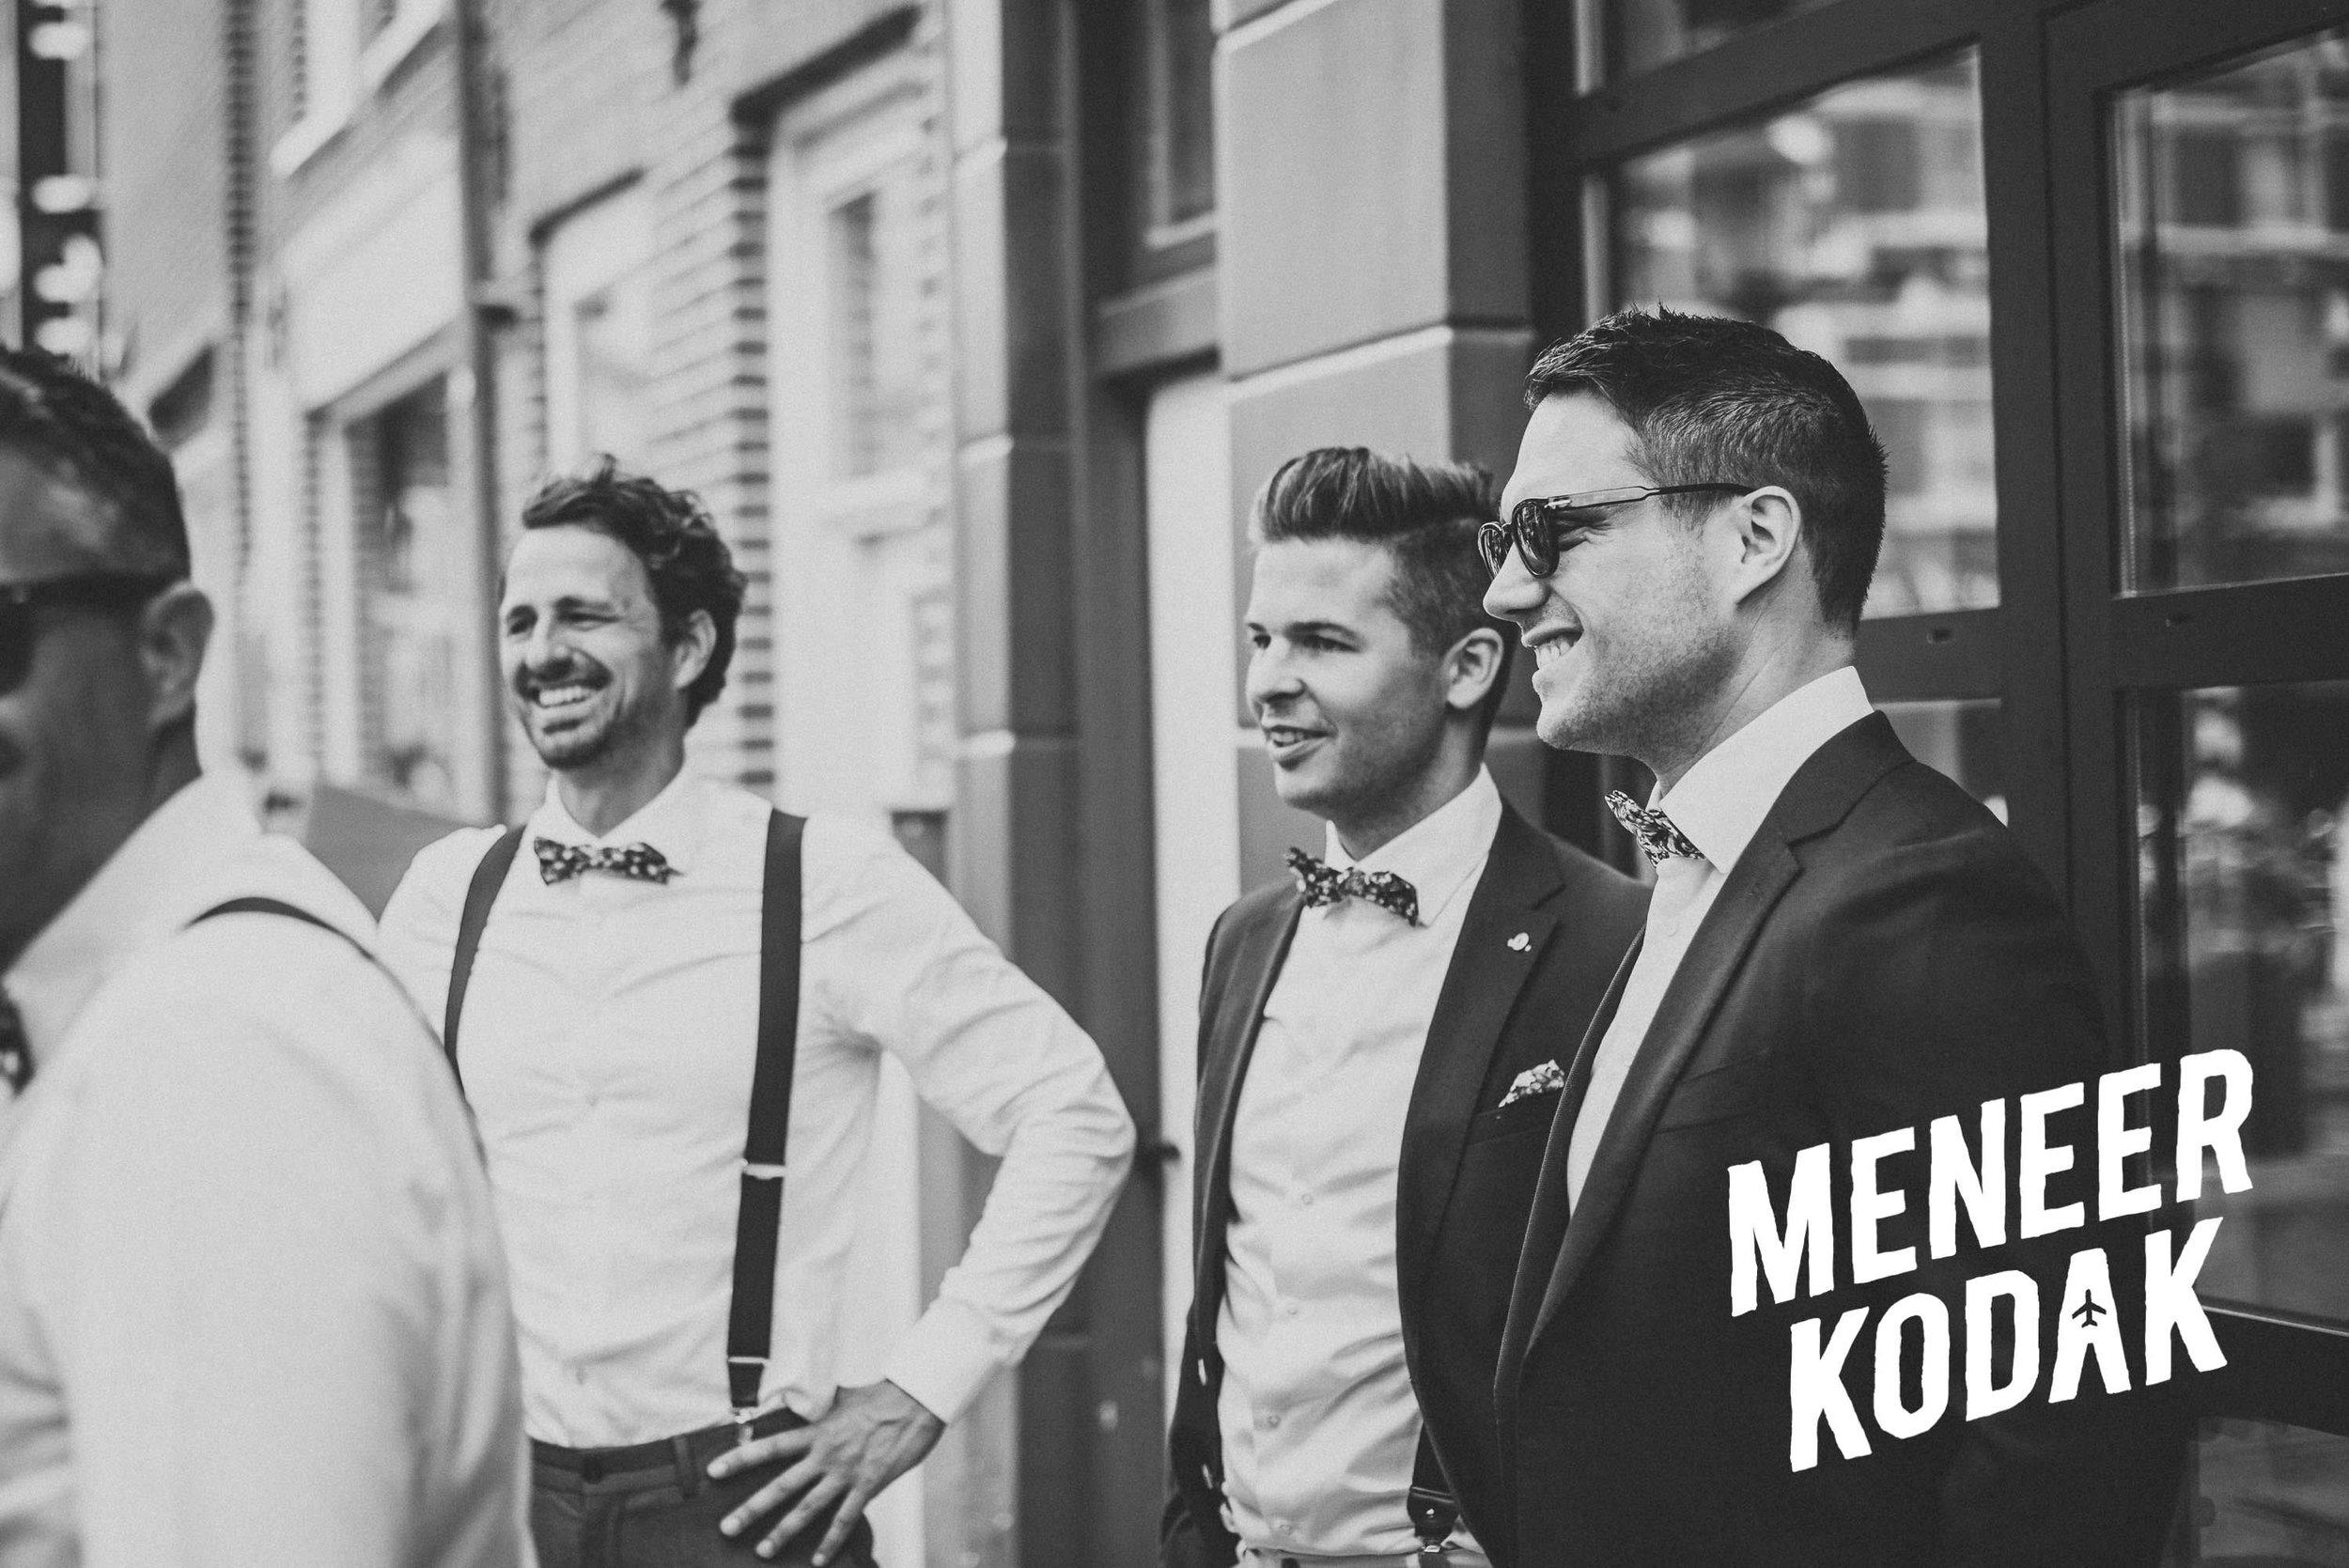 Meneer Kodak - Trouwfotograaf - Amsterdam - H&T-023.jpg